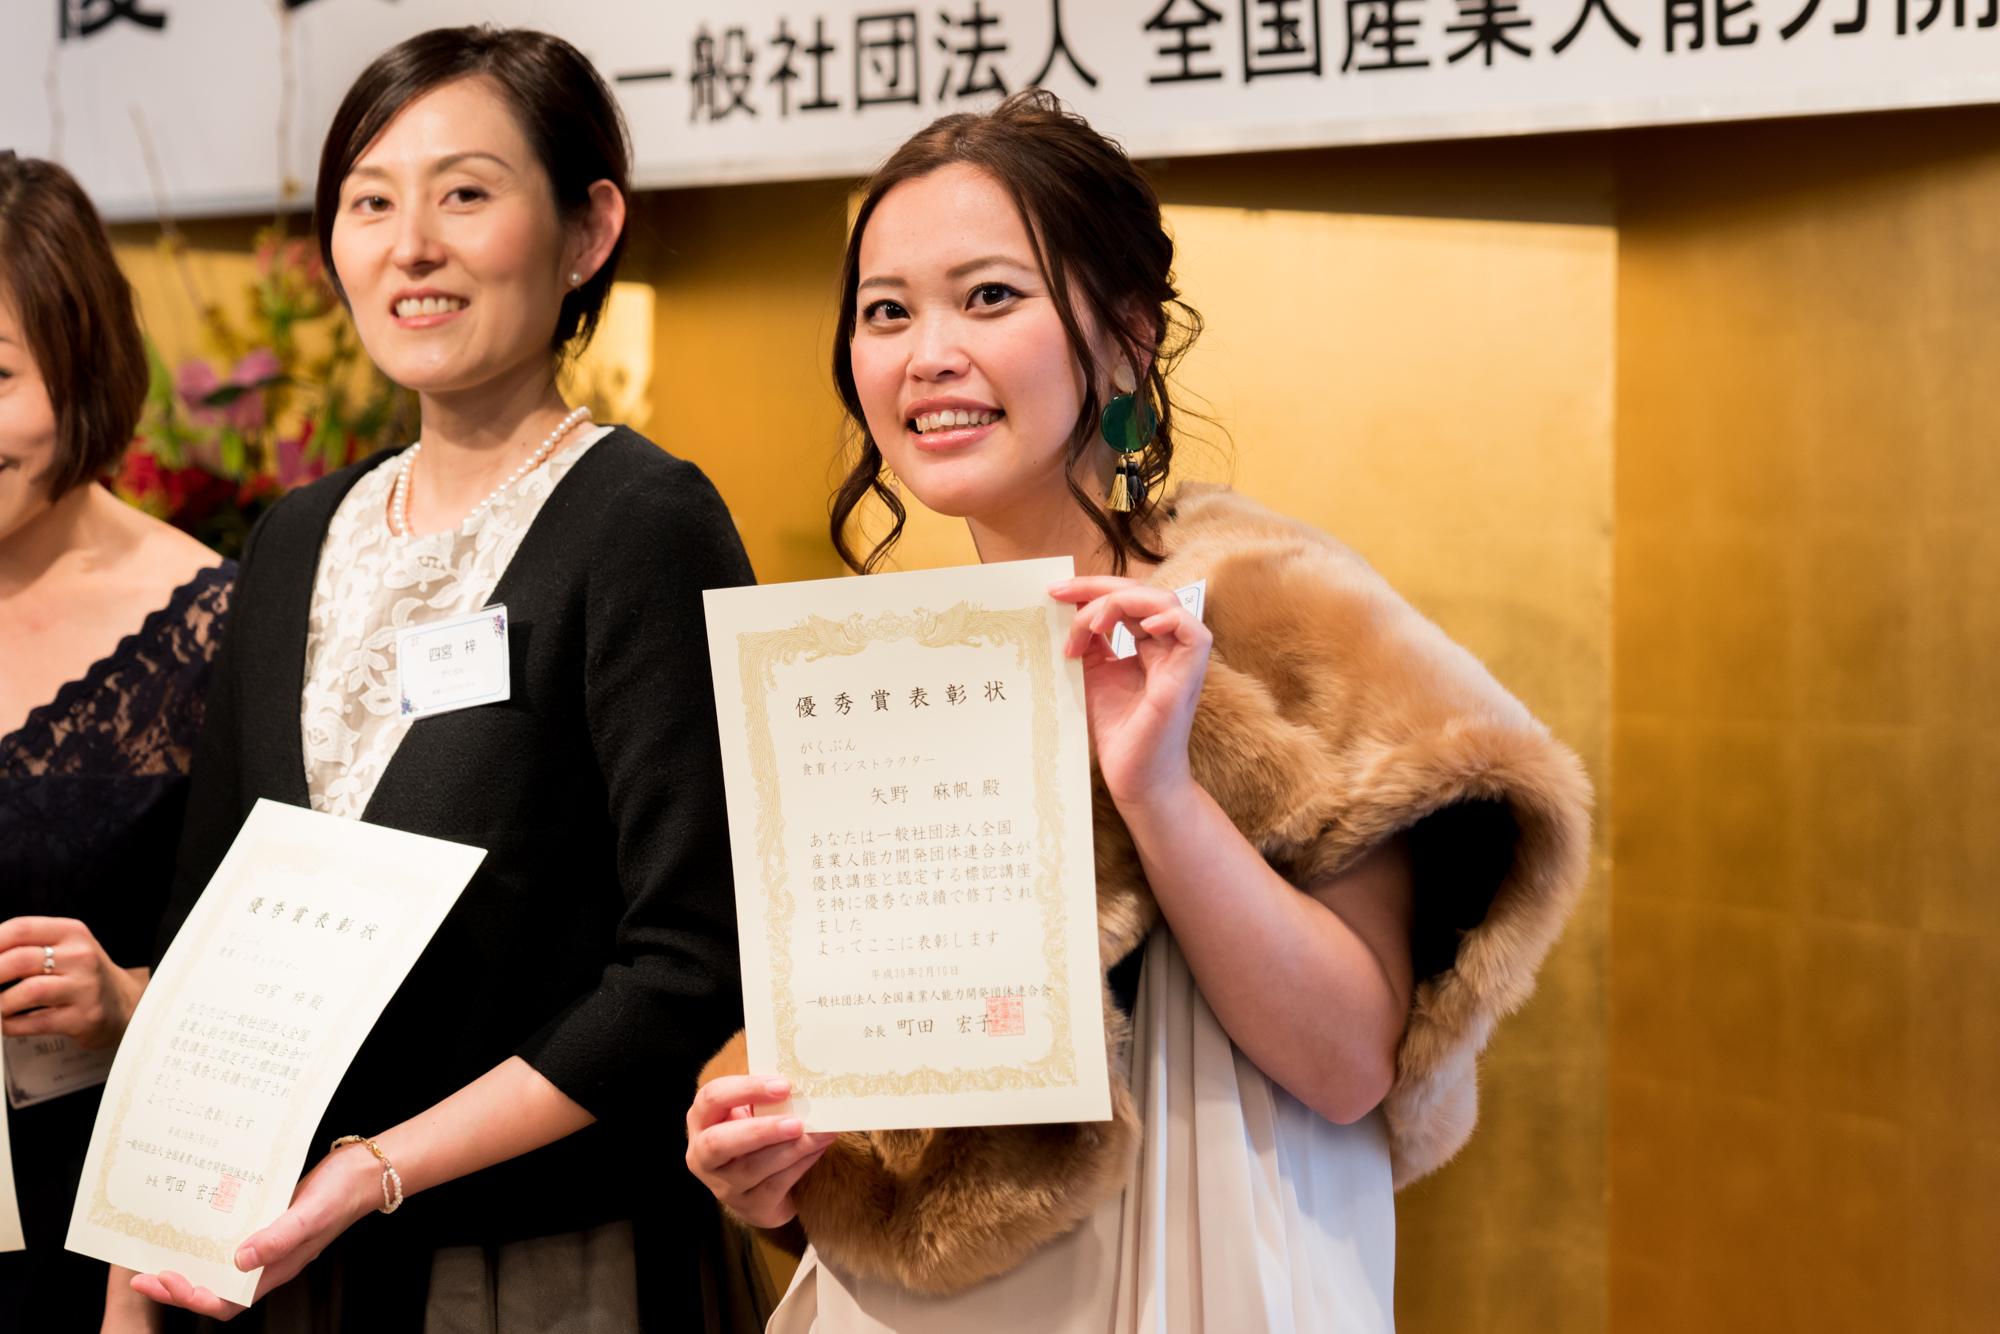 【JAD表彰式】食育インストラクター資格で表彰されました!!